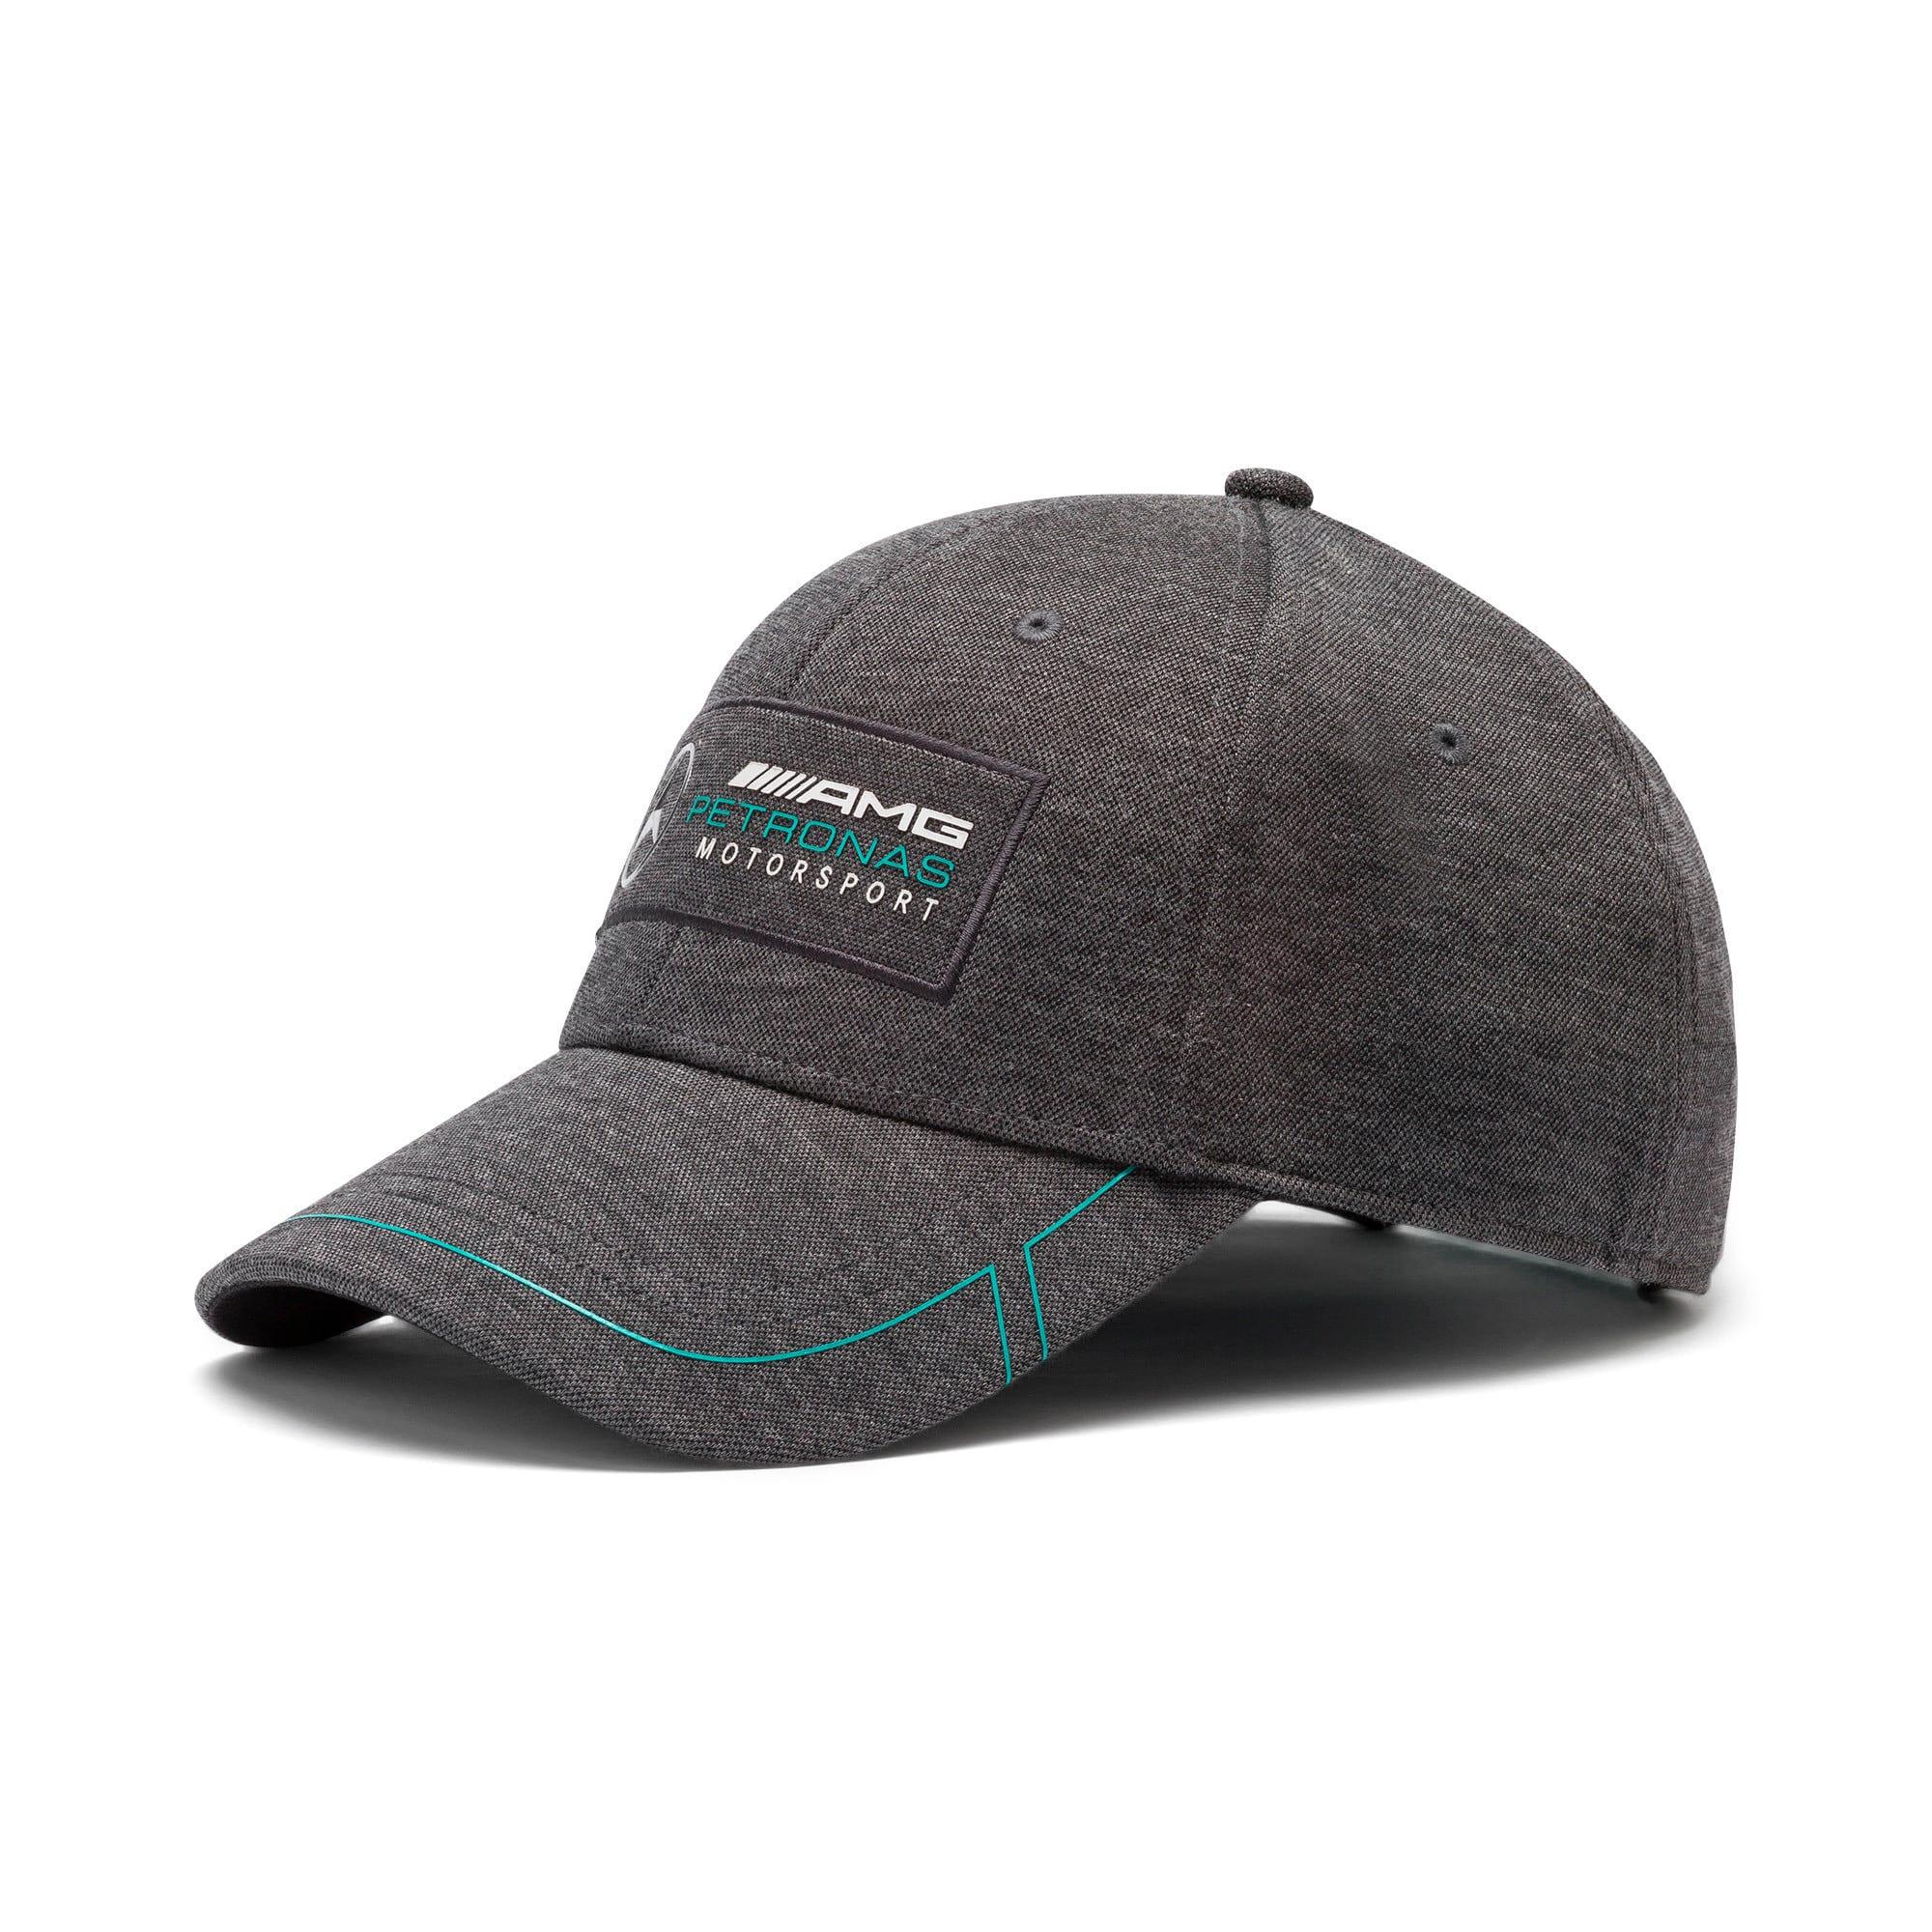 Thumbnail 1 of Mercedes AMG Petronas Motorsport Baseball Cap, Puma Black, medium